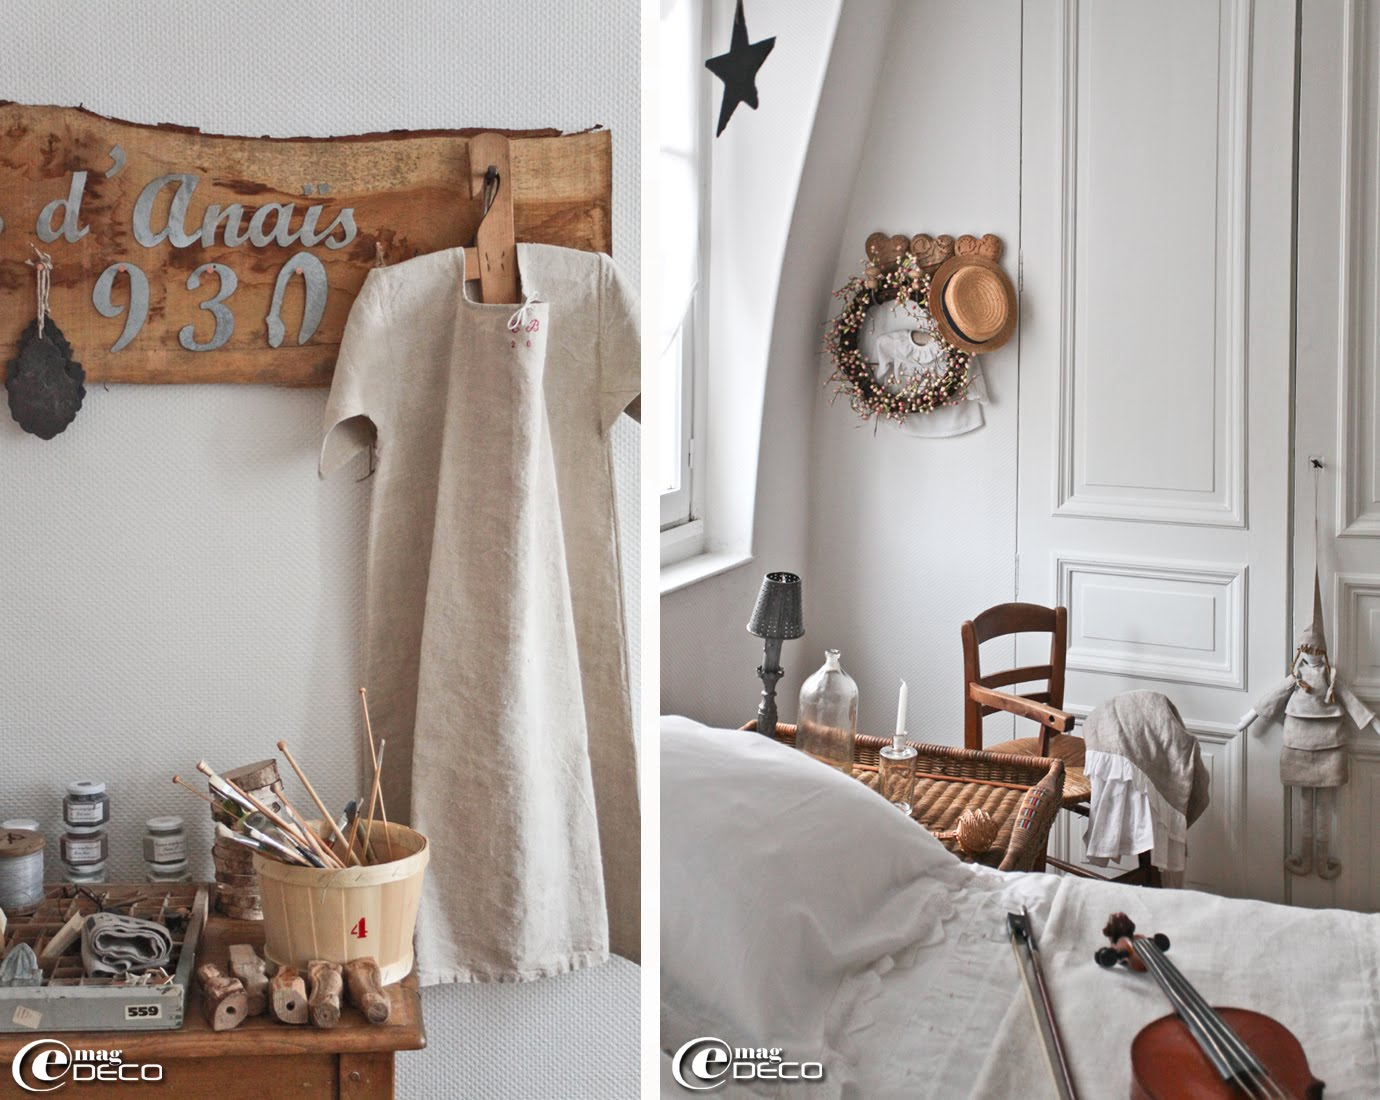 Décor d'un atelier et d'une chambre chez Chantal, auteure du blog 'L'Univers d'Anaïs'